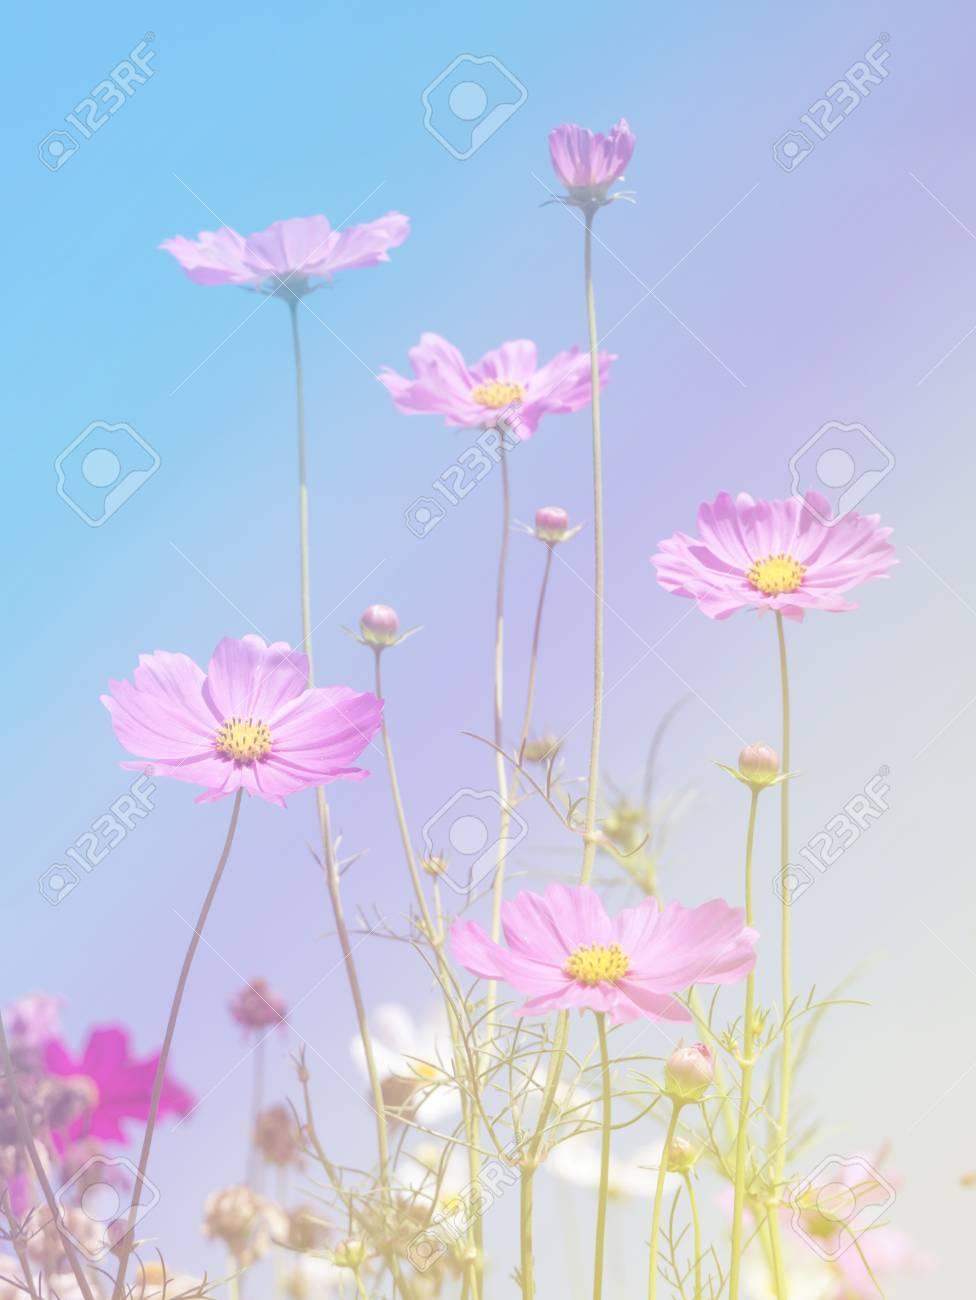 コスモスの花の背景 カラー フィルター効果で壁紙が作られました の